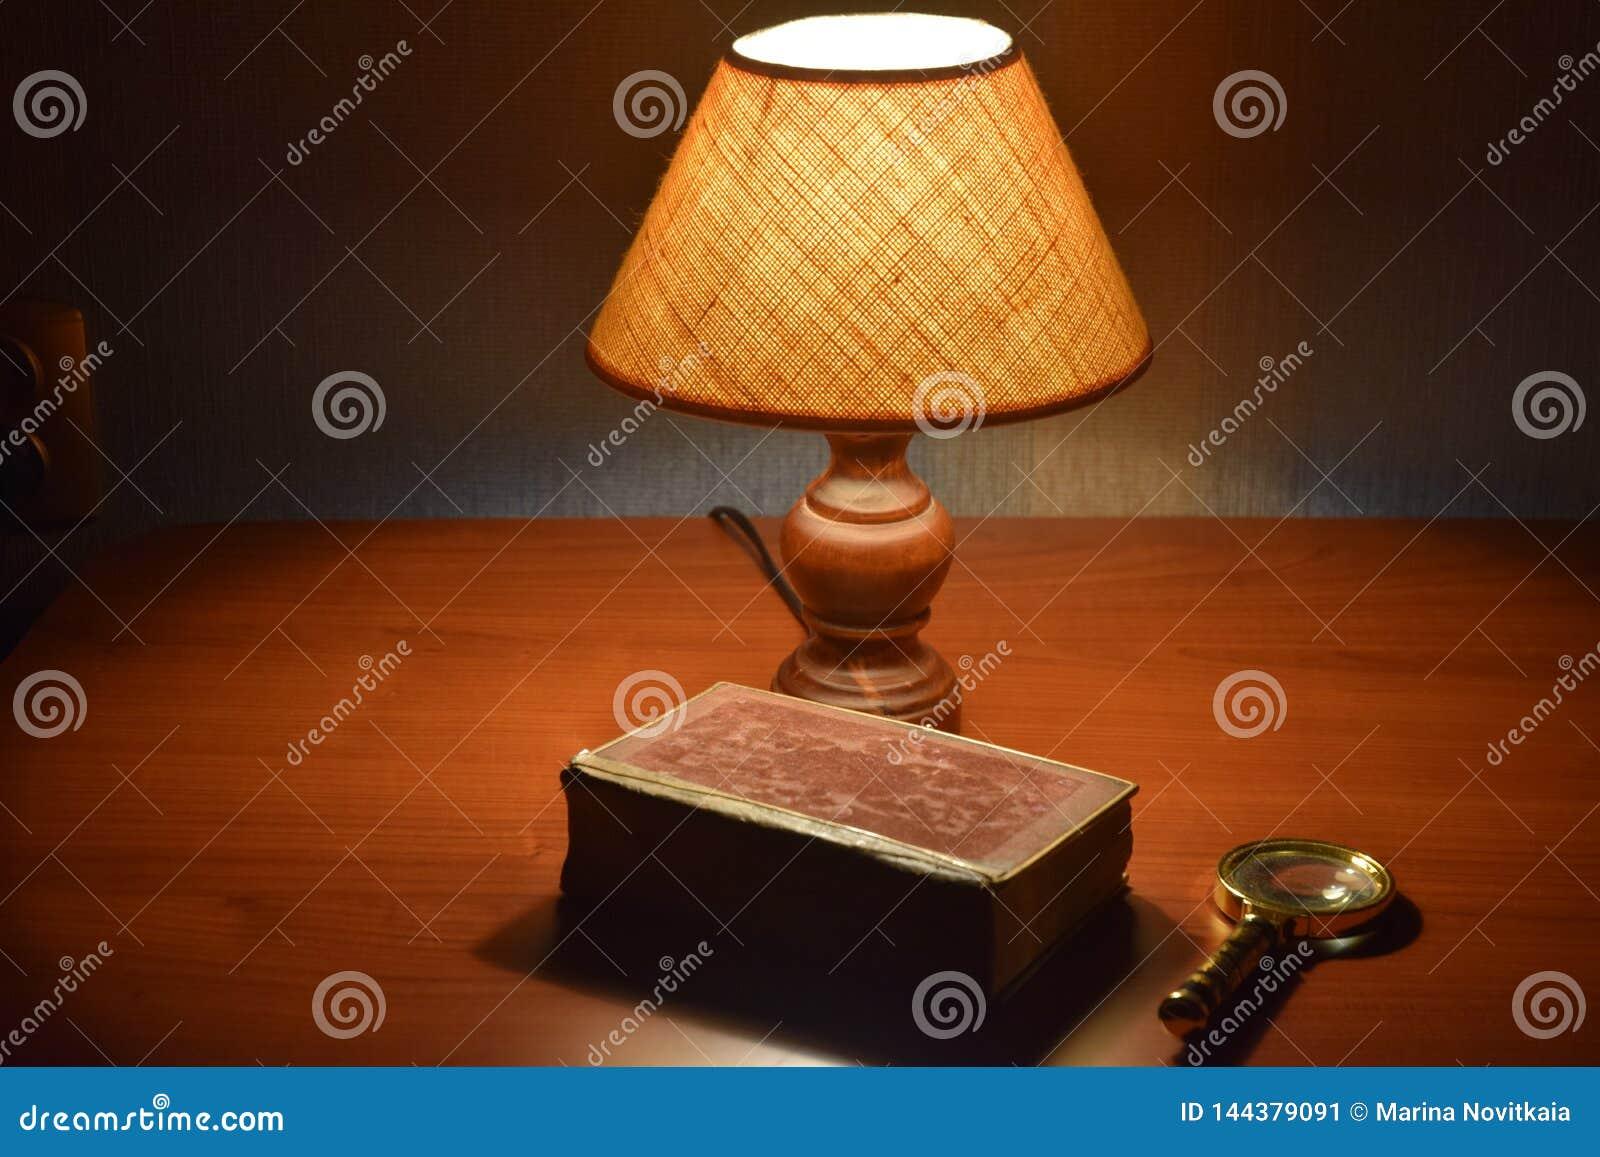 Stołowa lampa, stara książka i magnifier na biurku,